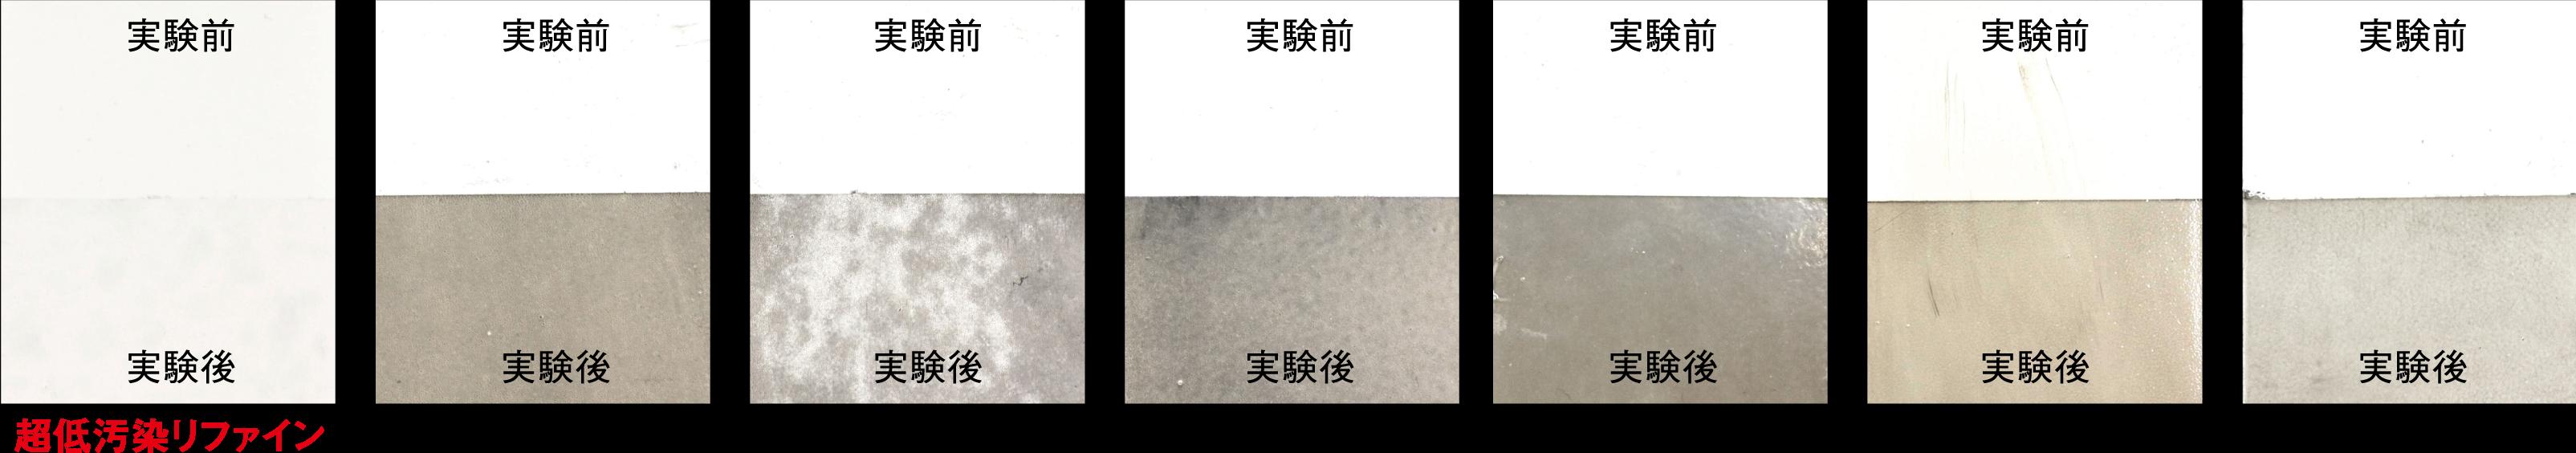 防汚染材料評価促進試験(Ⅰ)写真